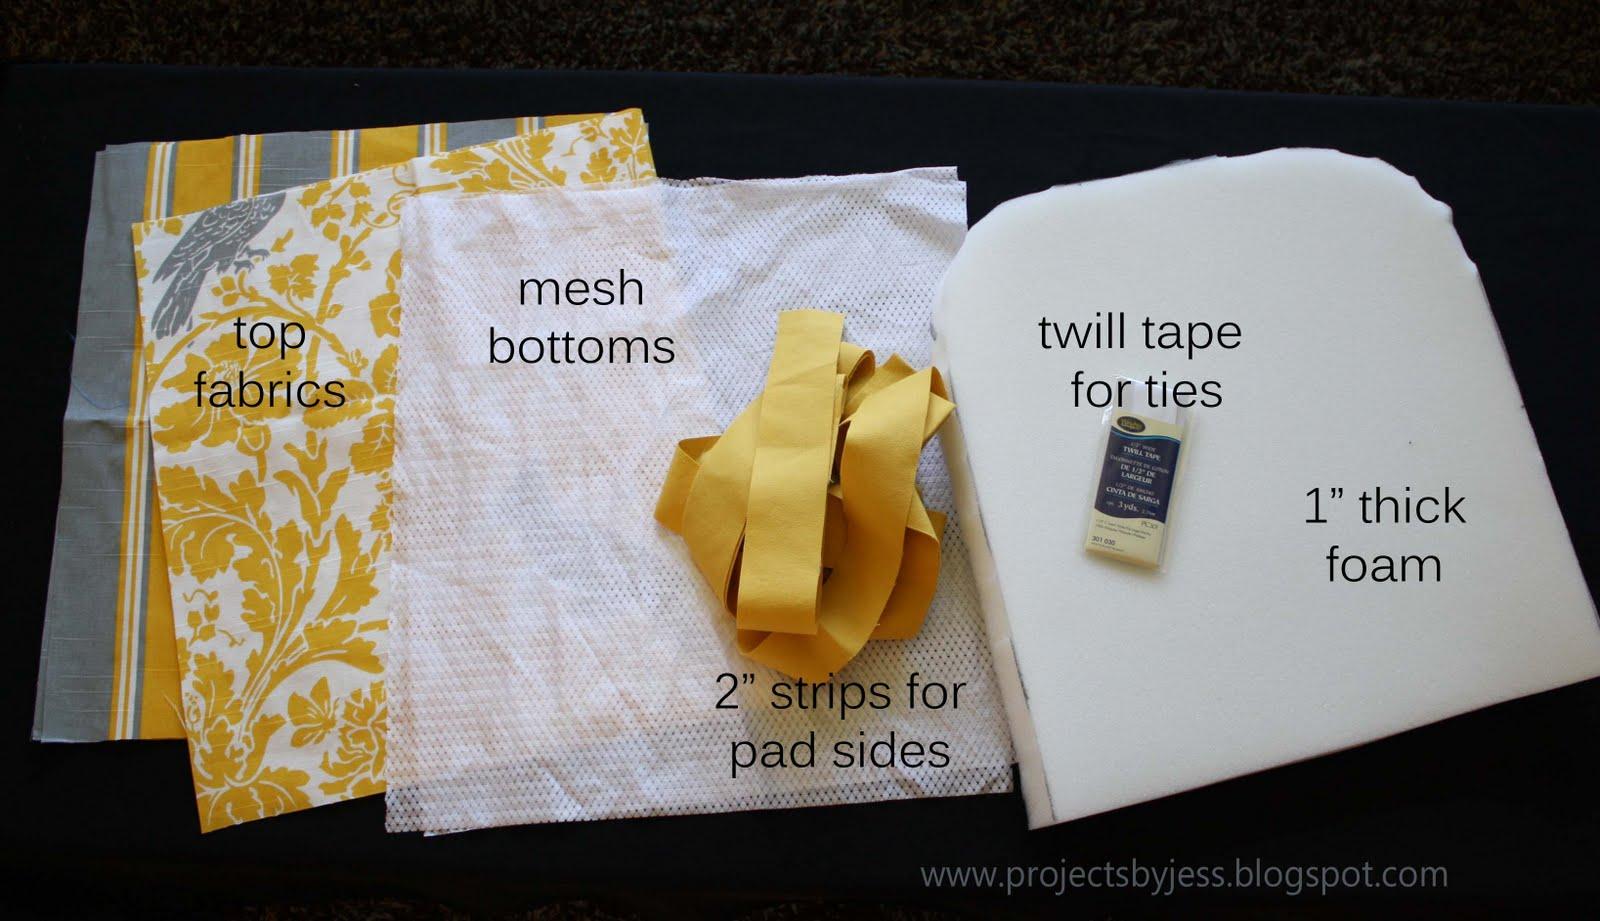 Fashion tape - Bra accessories - Bras - Hunkemller 1